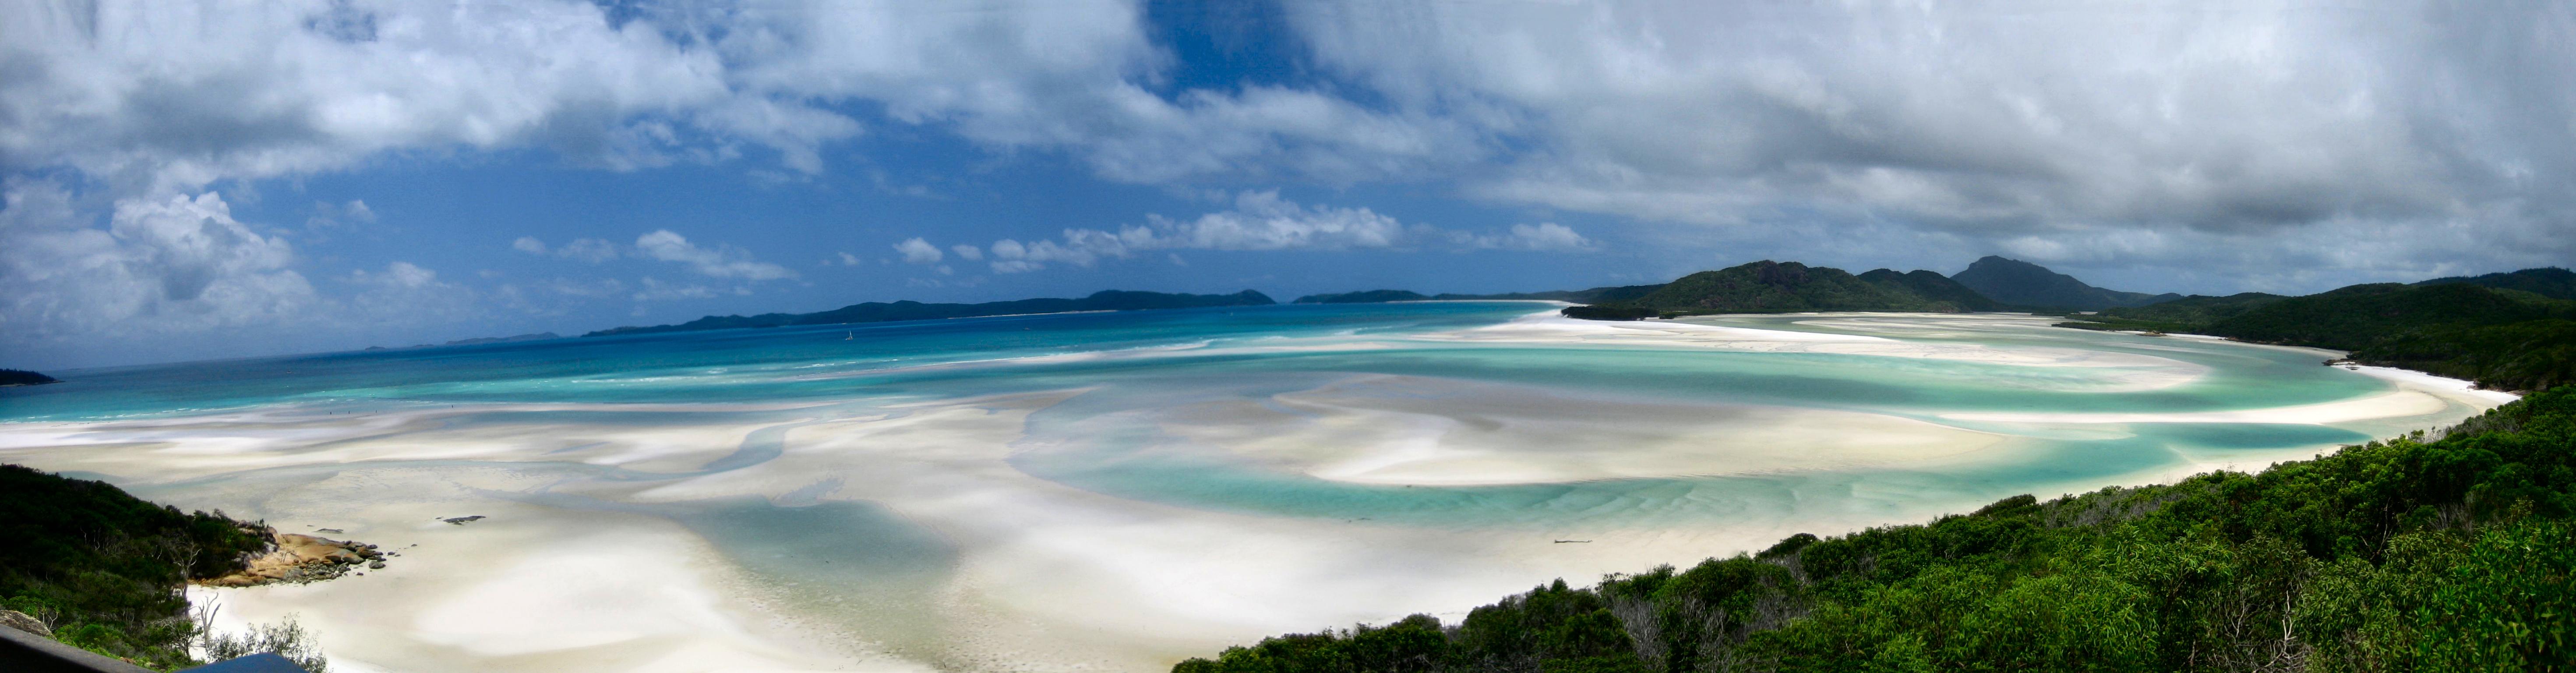 """أهم المعالم و الأنشطة الترفيهية في """"جزر وايت صانداي"""""""